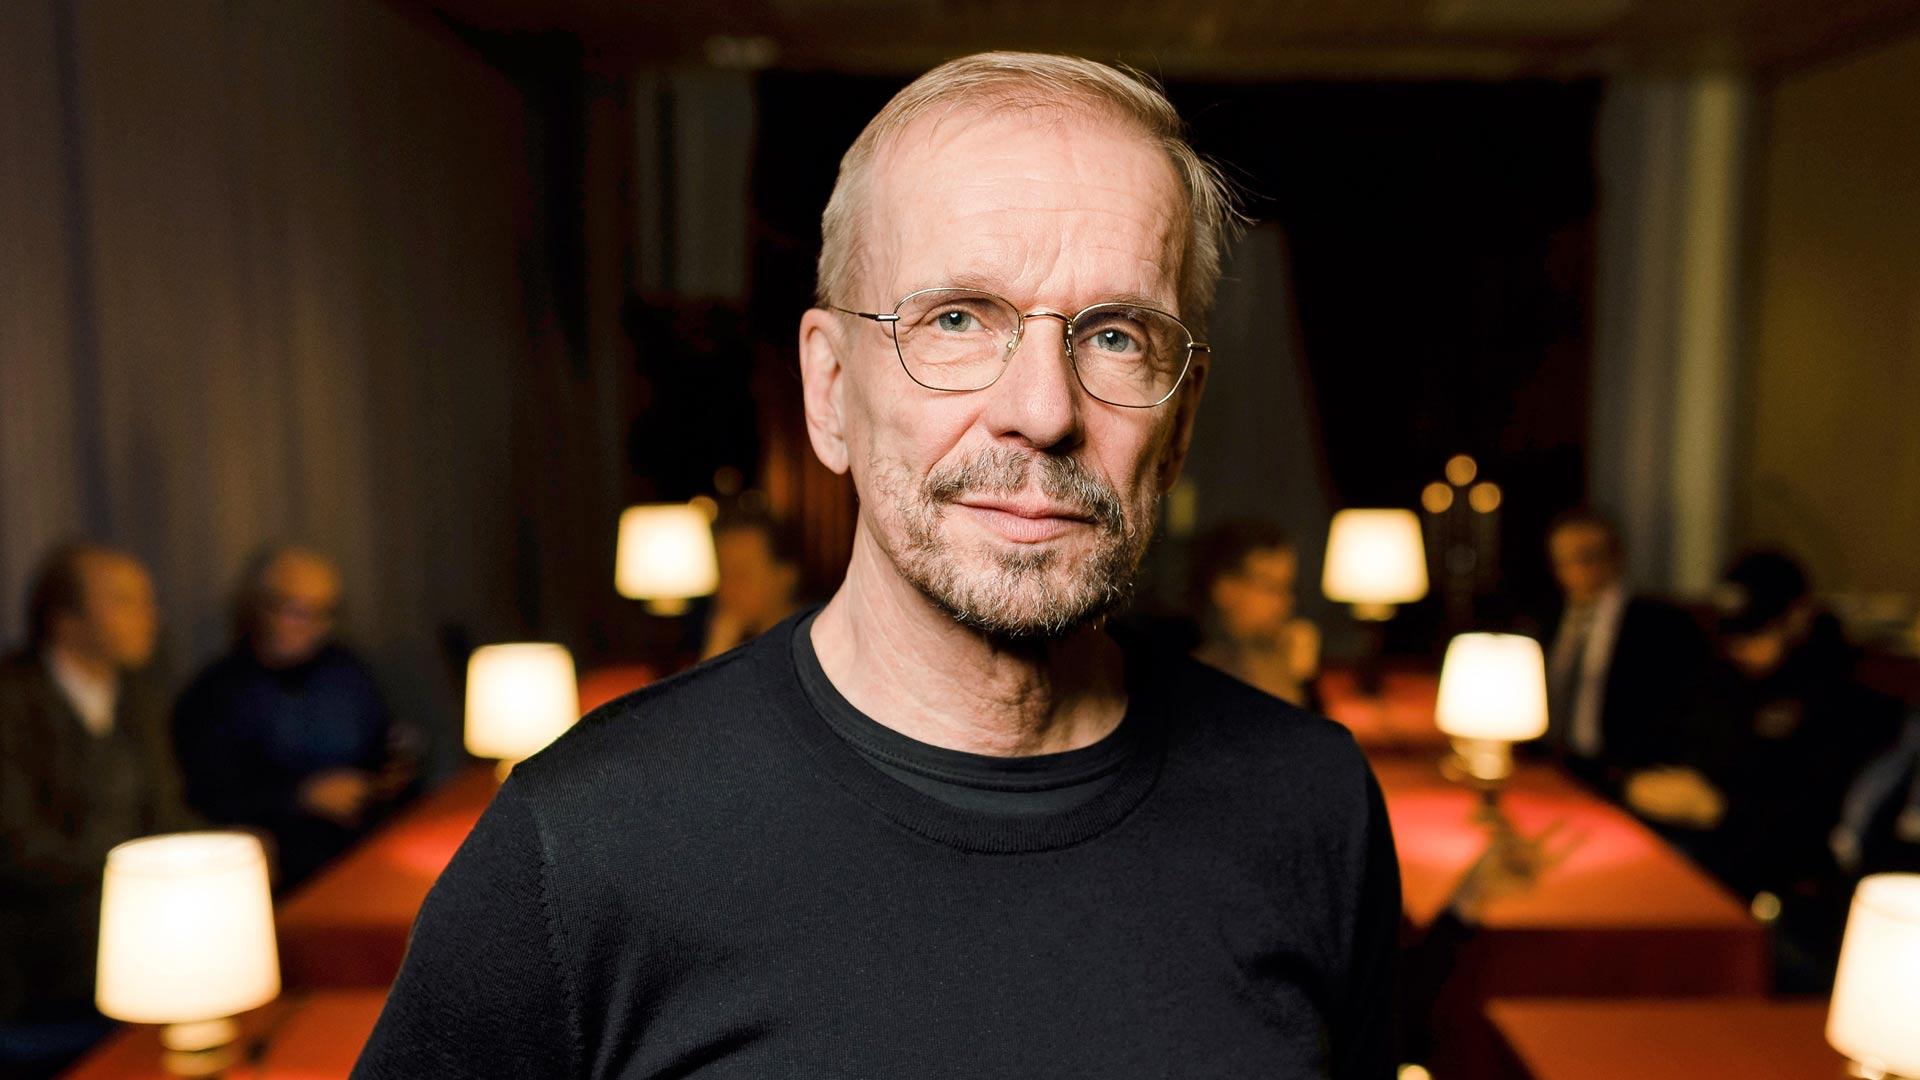 Jukka Puotila muistelee elämäänsä Puoti kiinni ja tila myytiin -kiertueen aikana kuvatussa dokumentissa.